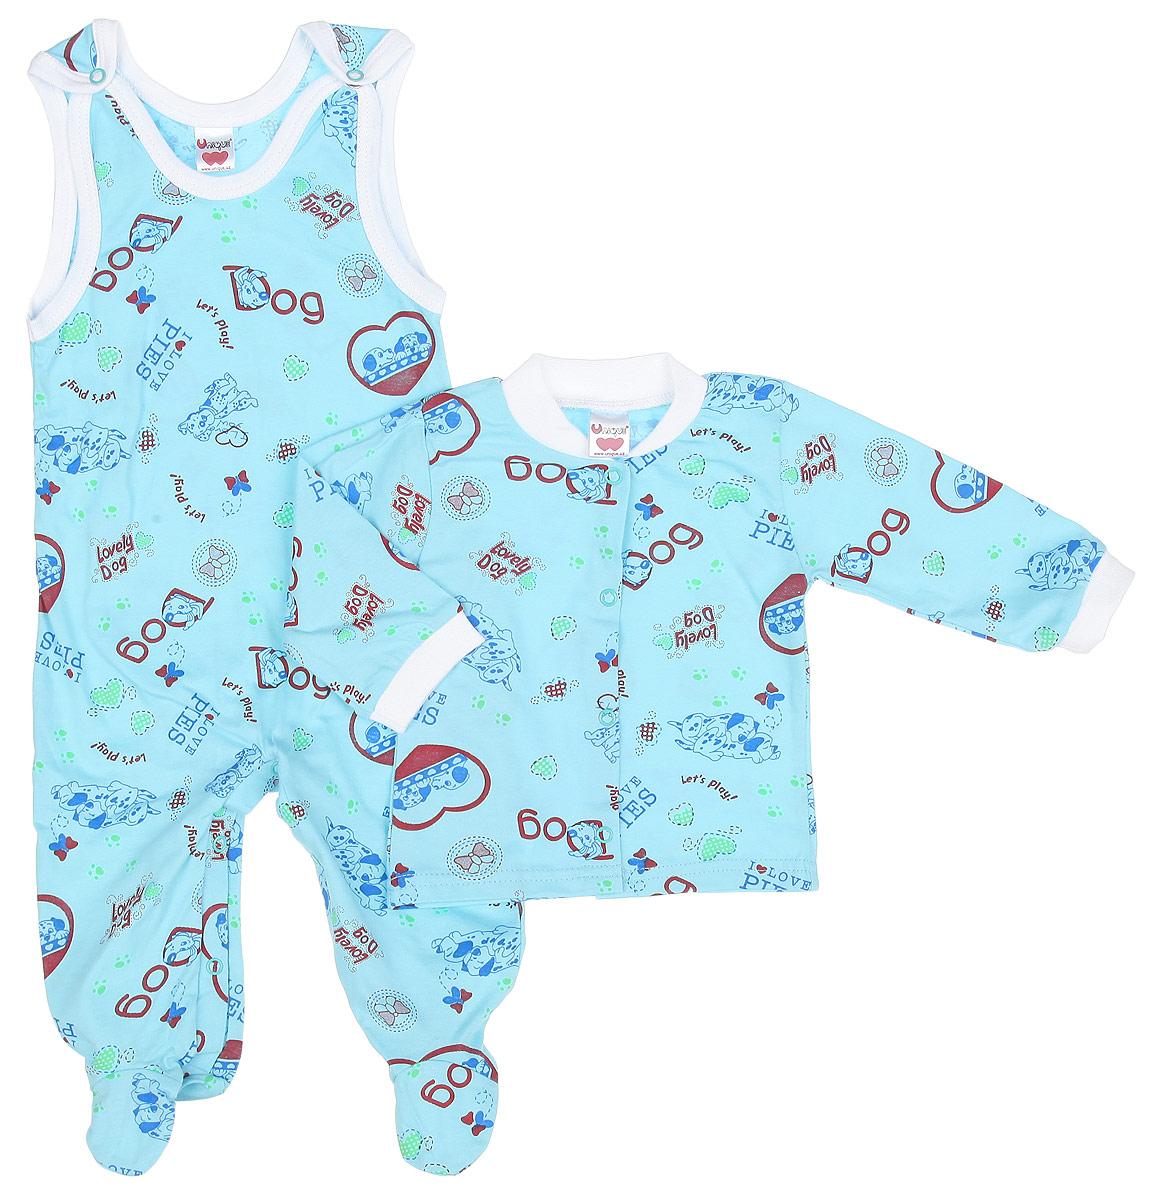 Комплект одеждыU0151-28Детский комплект одежды Unigue станет отличным дополнением к гардеробу ребенка. Он включает в себя кофточку и ползунки с грудкой. Комплект, изготовленный из натурального хлопка, легкий, мягкий, не раздражает нежную кожу ребенка и хорошо вентилируется, обеспечивая комфорт. Кофточка с небольшим воротником-стойкой и длинными рукавами застегивается спереди на металлические кнопки, что позволит легко переодеть младенца. Воротник выполнен из мягкой трикотажной резинки. Рукава дополнены эластичными манжетами, не пережимающими ручки крохи. Ползунки с закрытыми ножками застегиваются сверху на две кнопки, также имеют застежки-кнопки на ластовице, что помогает при переодевании ребенка. Вырез горловины и проймы оформлены окантовкой. Комплект украшен принтом с изображением забавных собачек и надписями. Комплект полностью соответствует особенностям жизни младенца в ранний период, не стесняя и не ограничивая его в движениях. В нем ваш ребенок всегда будет в...